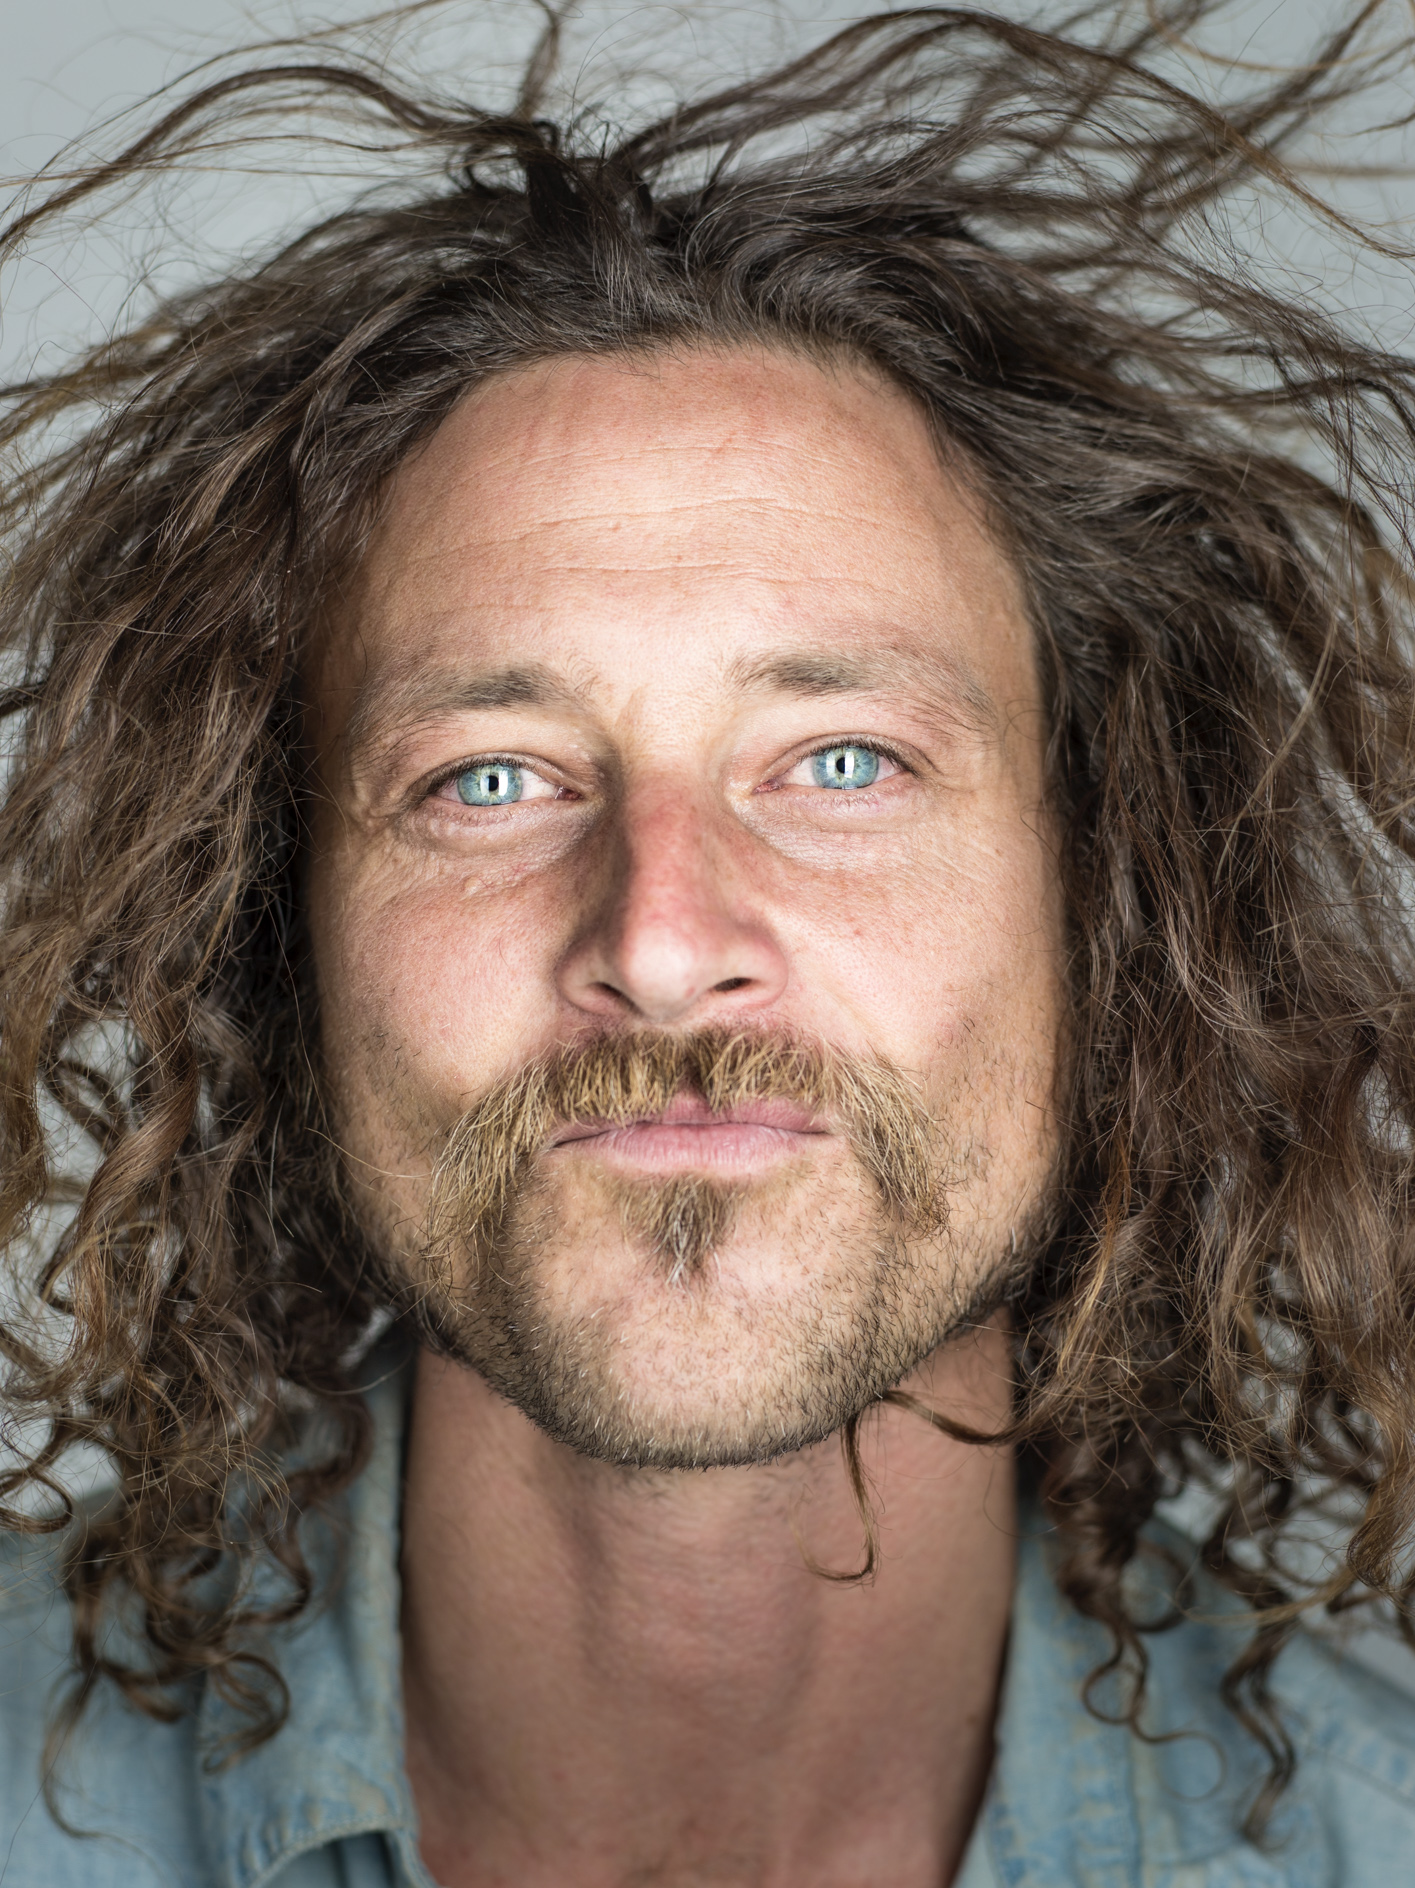 Cory-Richards-Speaker-Photographer-28.jpg